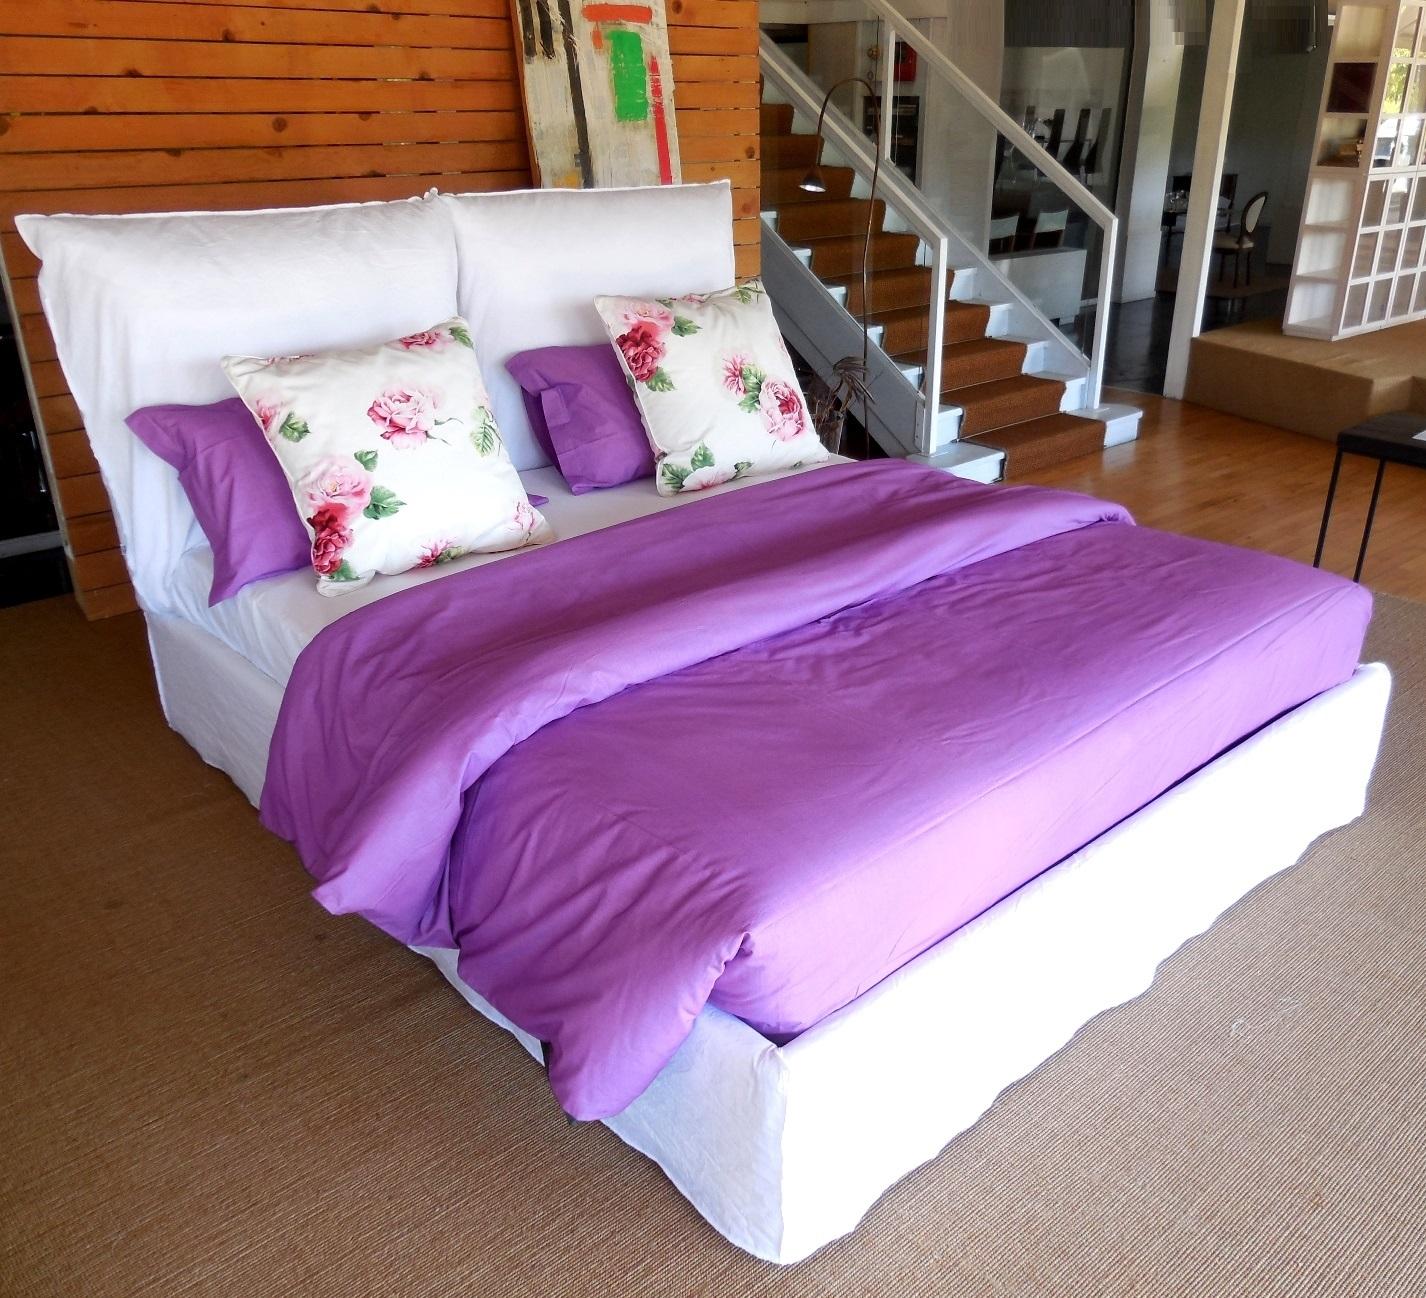 Camera altrenotti parure copripiumino letto matrimoniale double face camere a prezzi scontati - Copripiumino letto matrimoniale ...